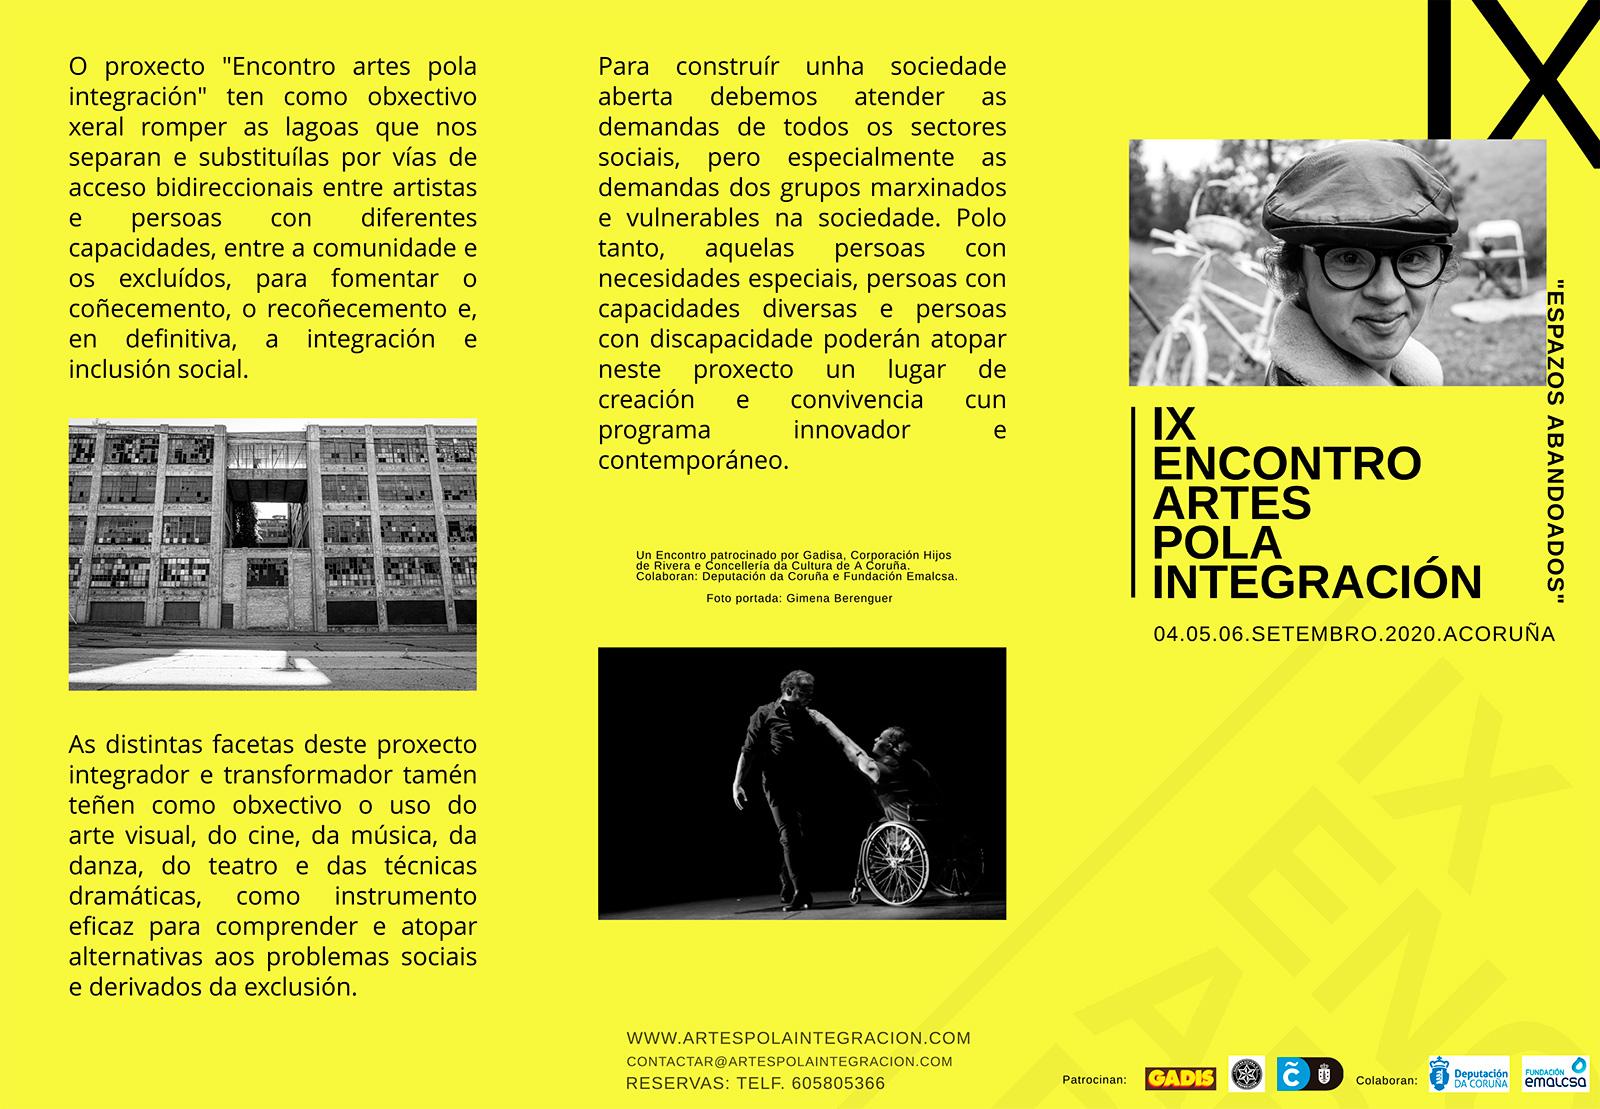 IX Encontro Artes Pola Integración